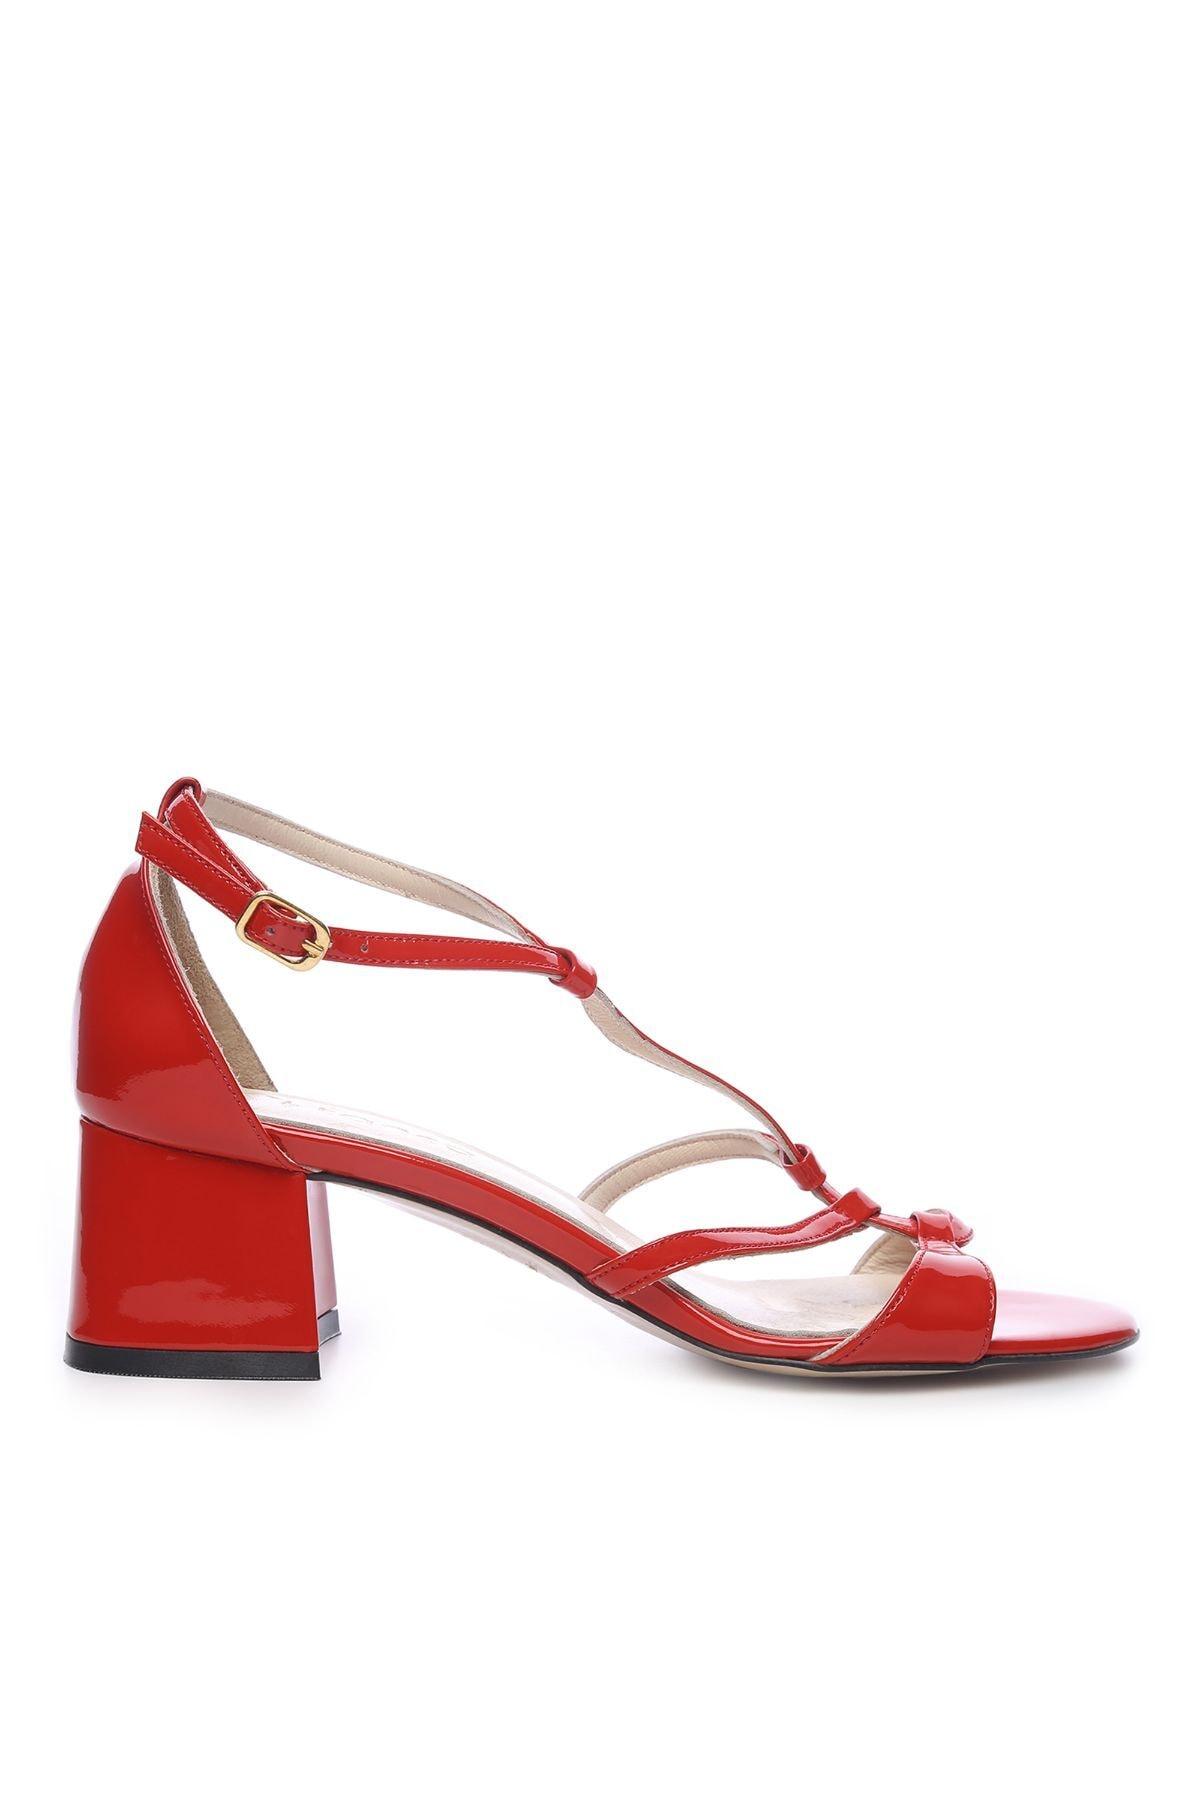 KEMAL TANCA Hakiki Deri Kırmızı Kadın Topuklu Ayakkabı 94 975 BN AYK 1